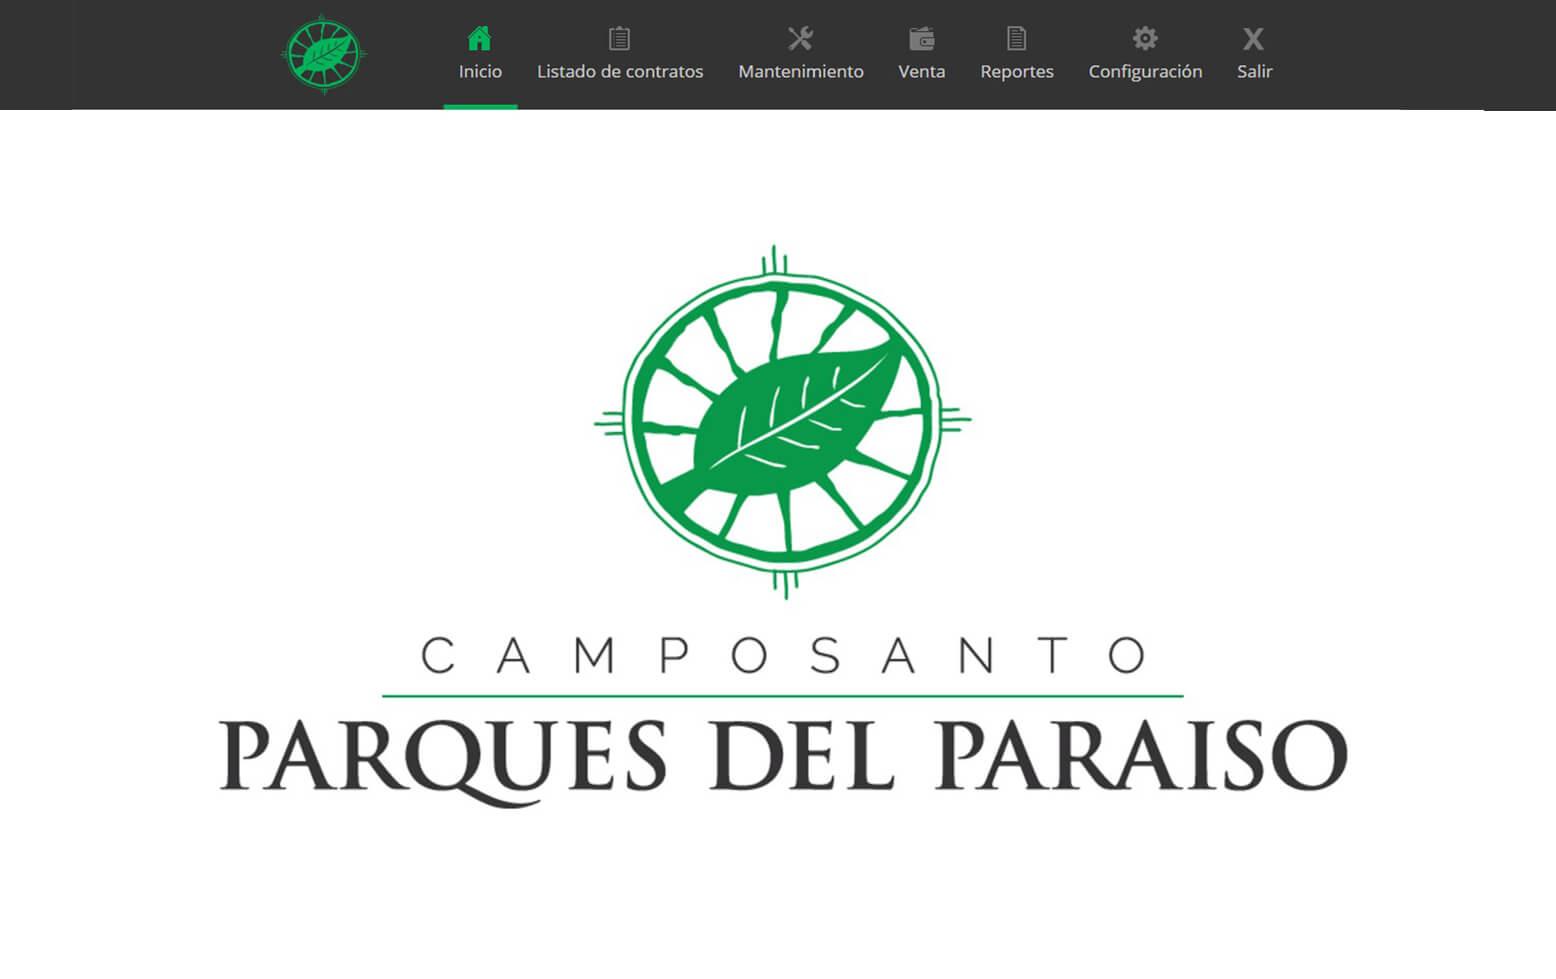 Parques del Paraíso